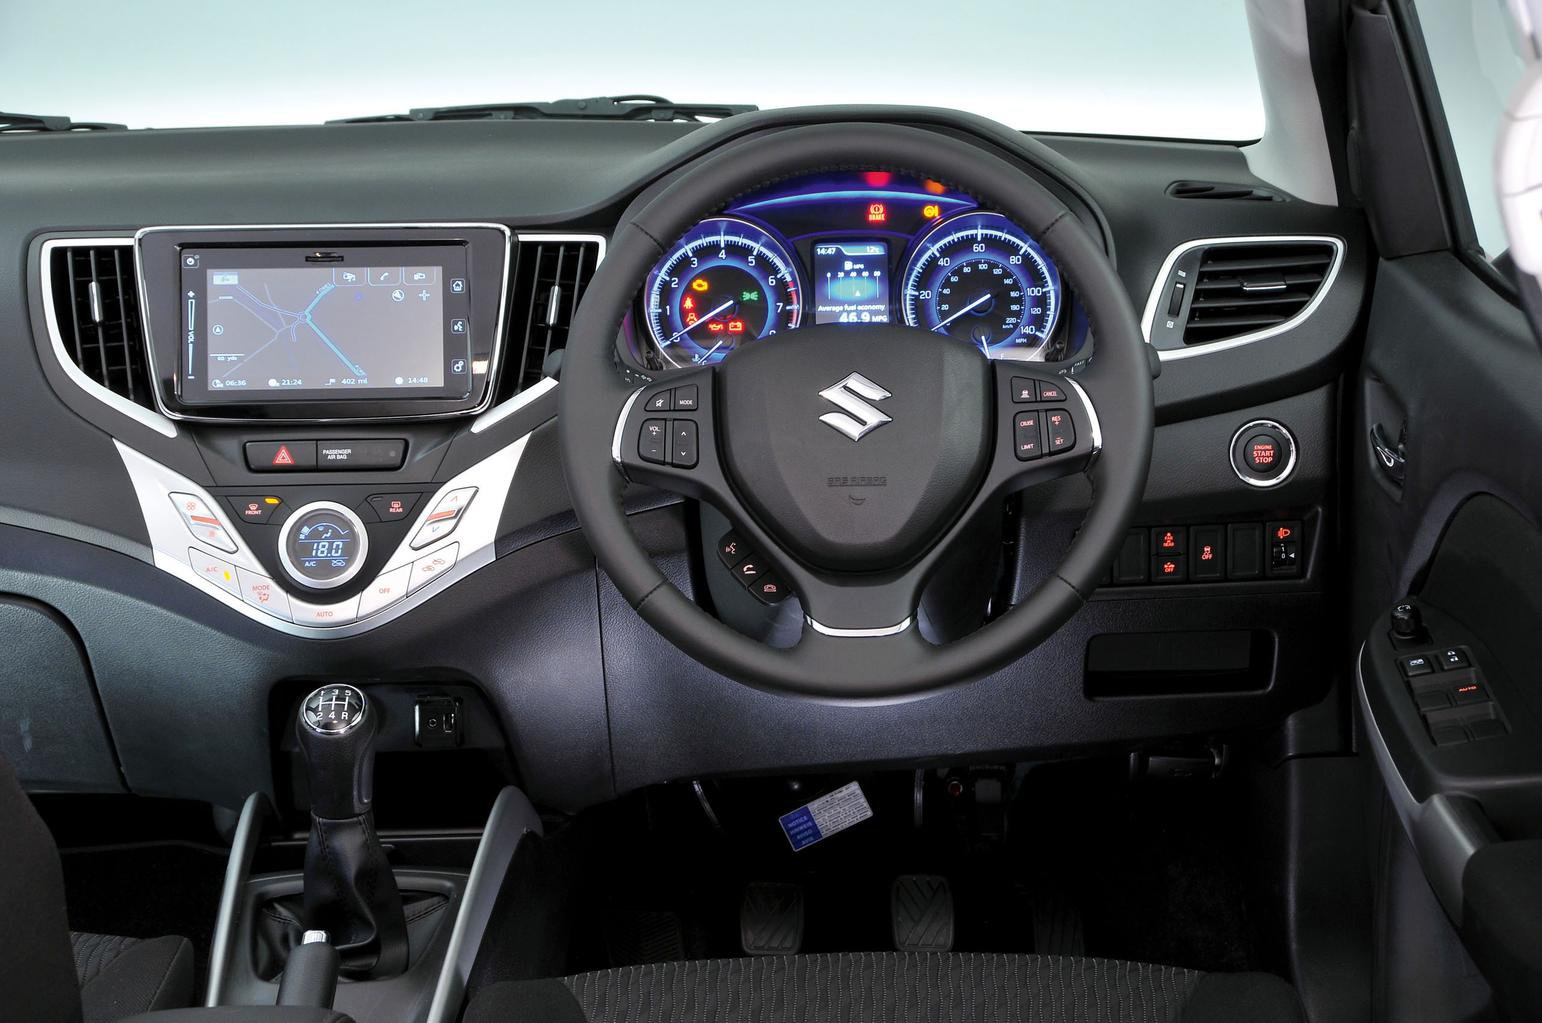 Hyundai i20 vs Skoda Fabia vs Suzuki Baleno